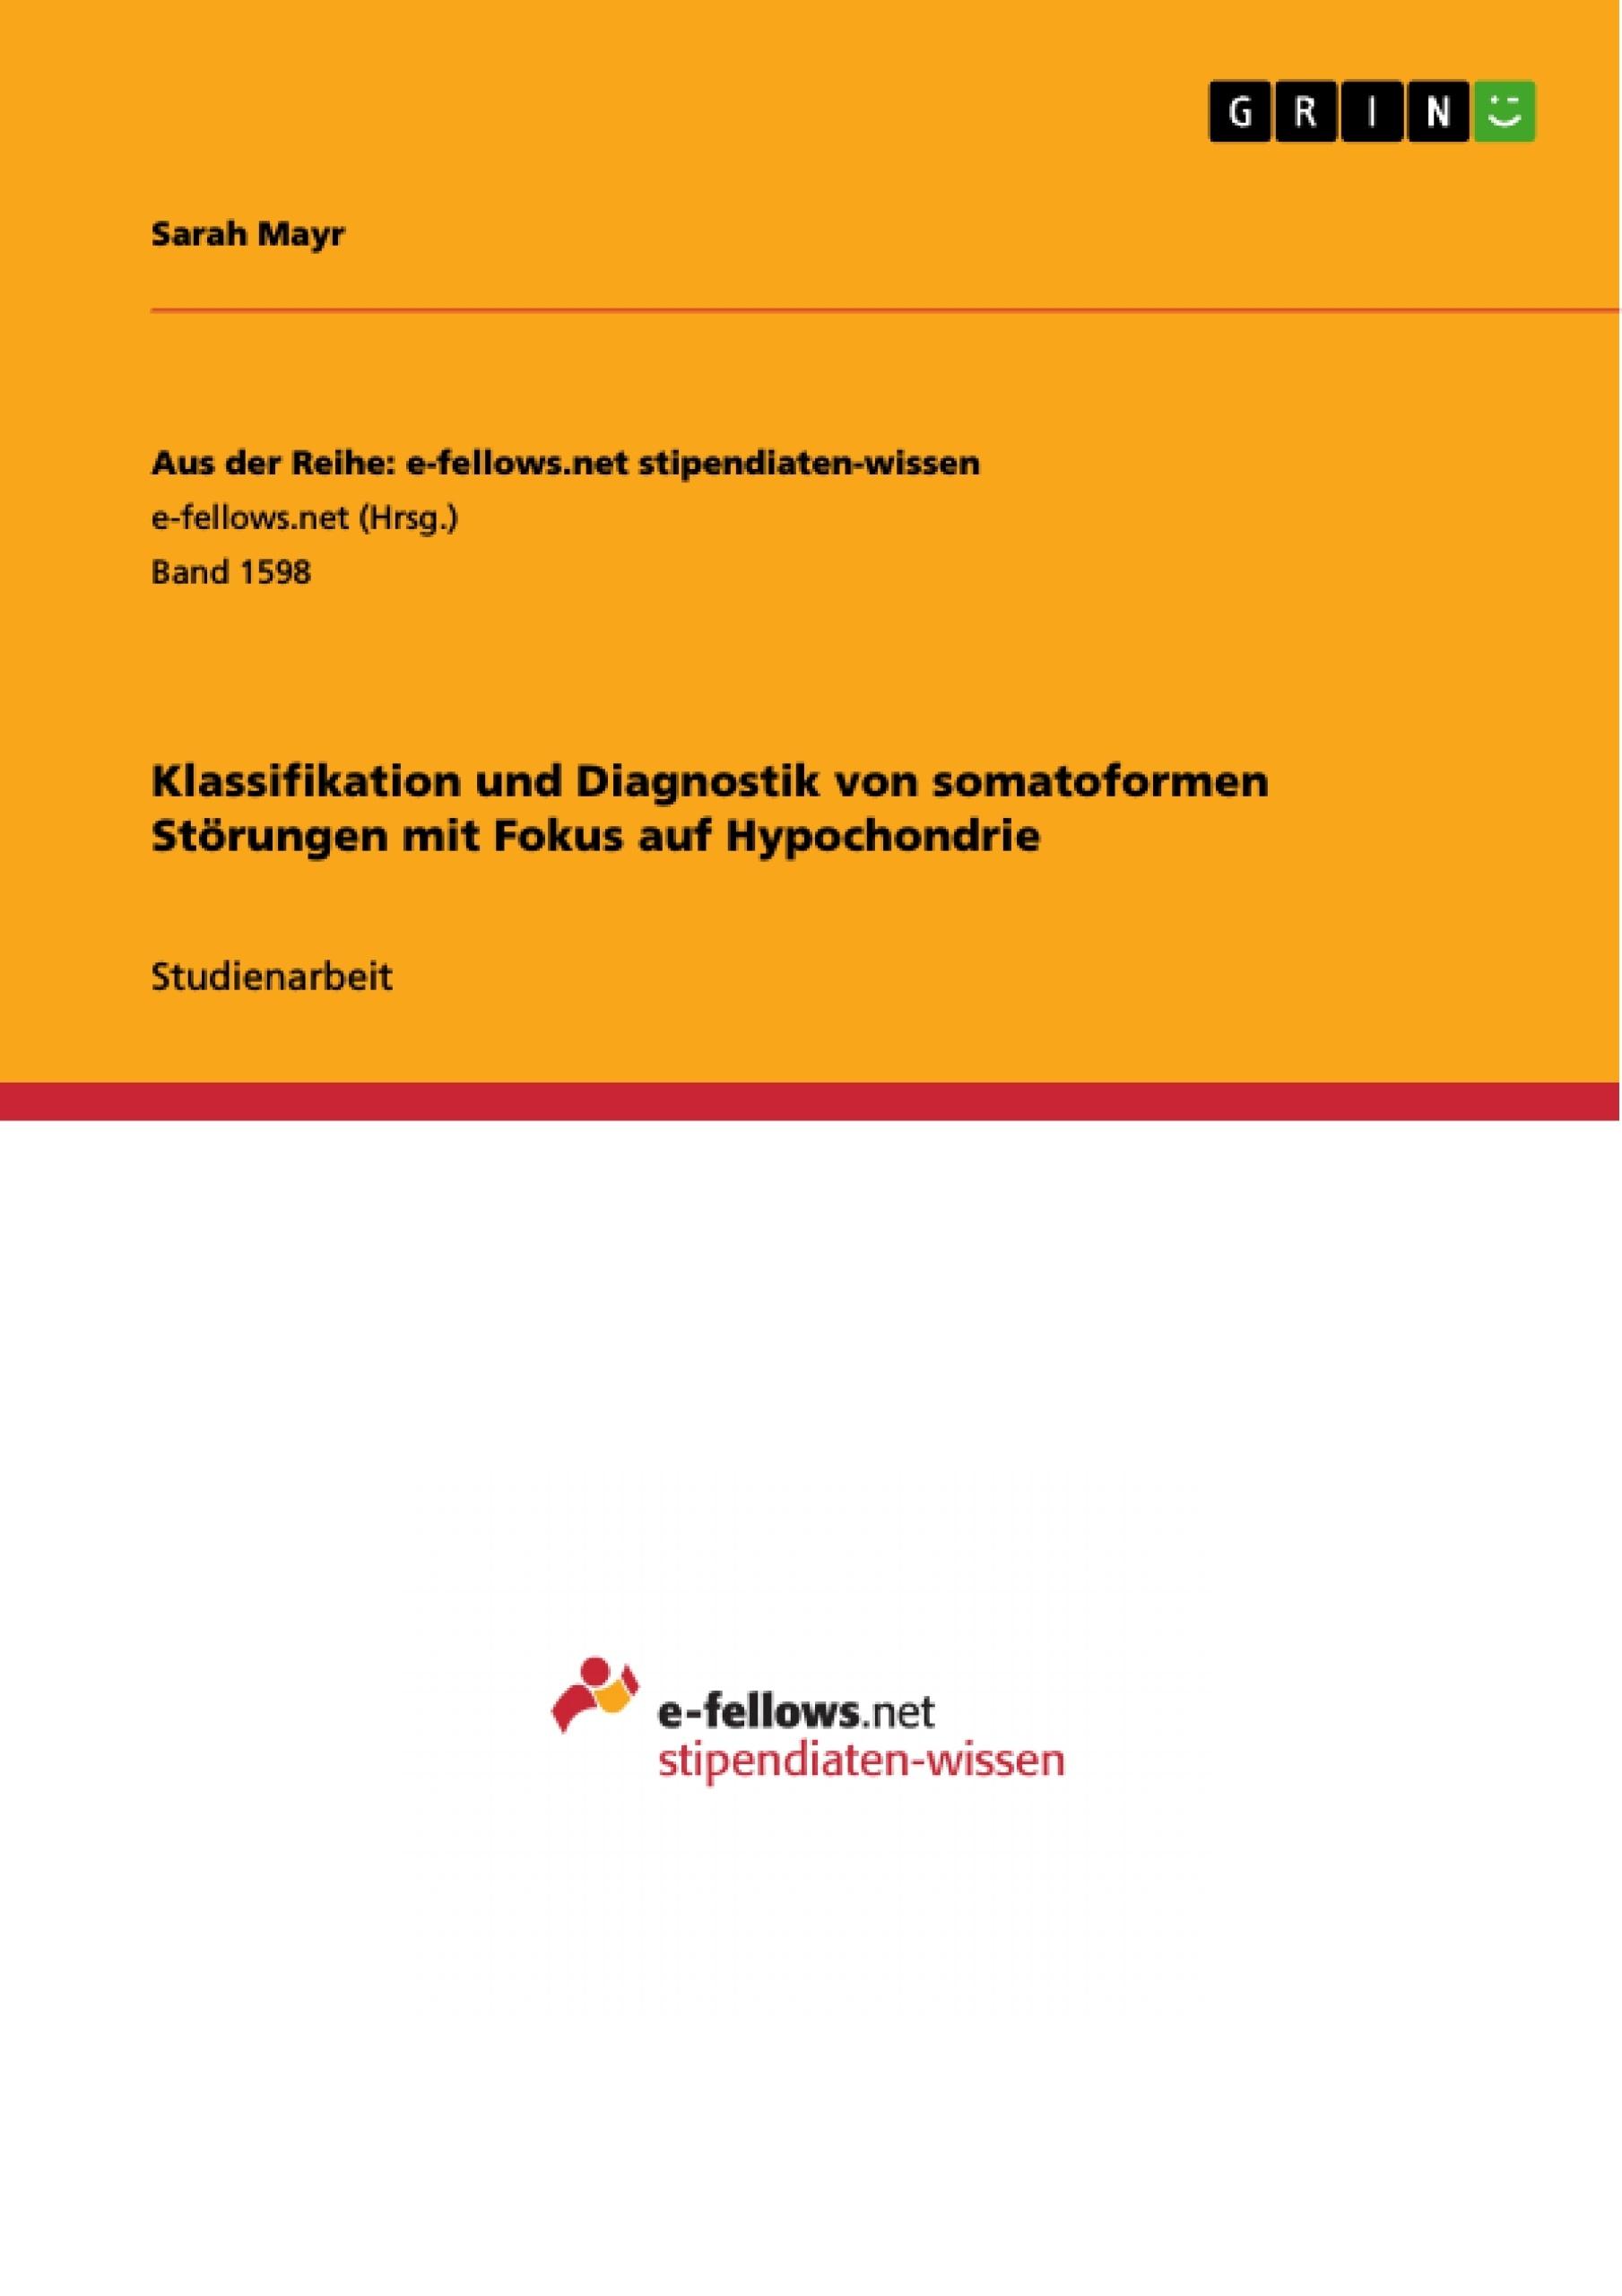 Titel: Klassifikation und Diagnostik von somatoformen Störungen mit Fokus auf Hypochondrie